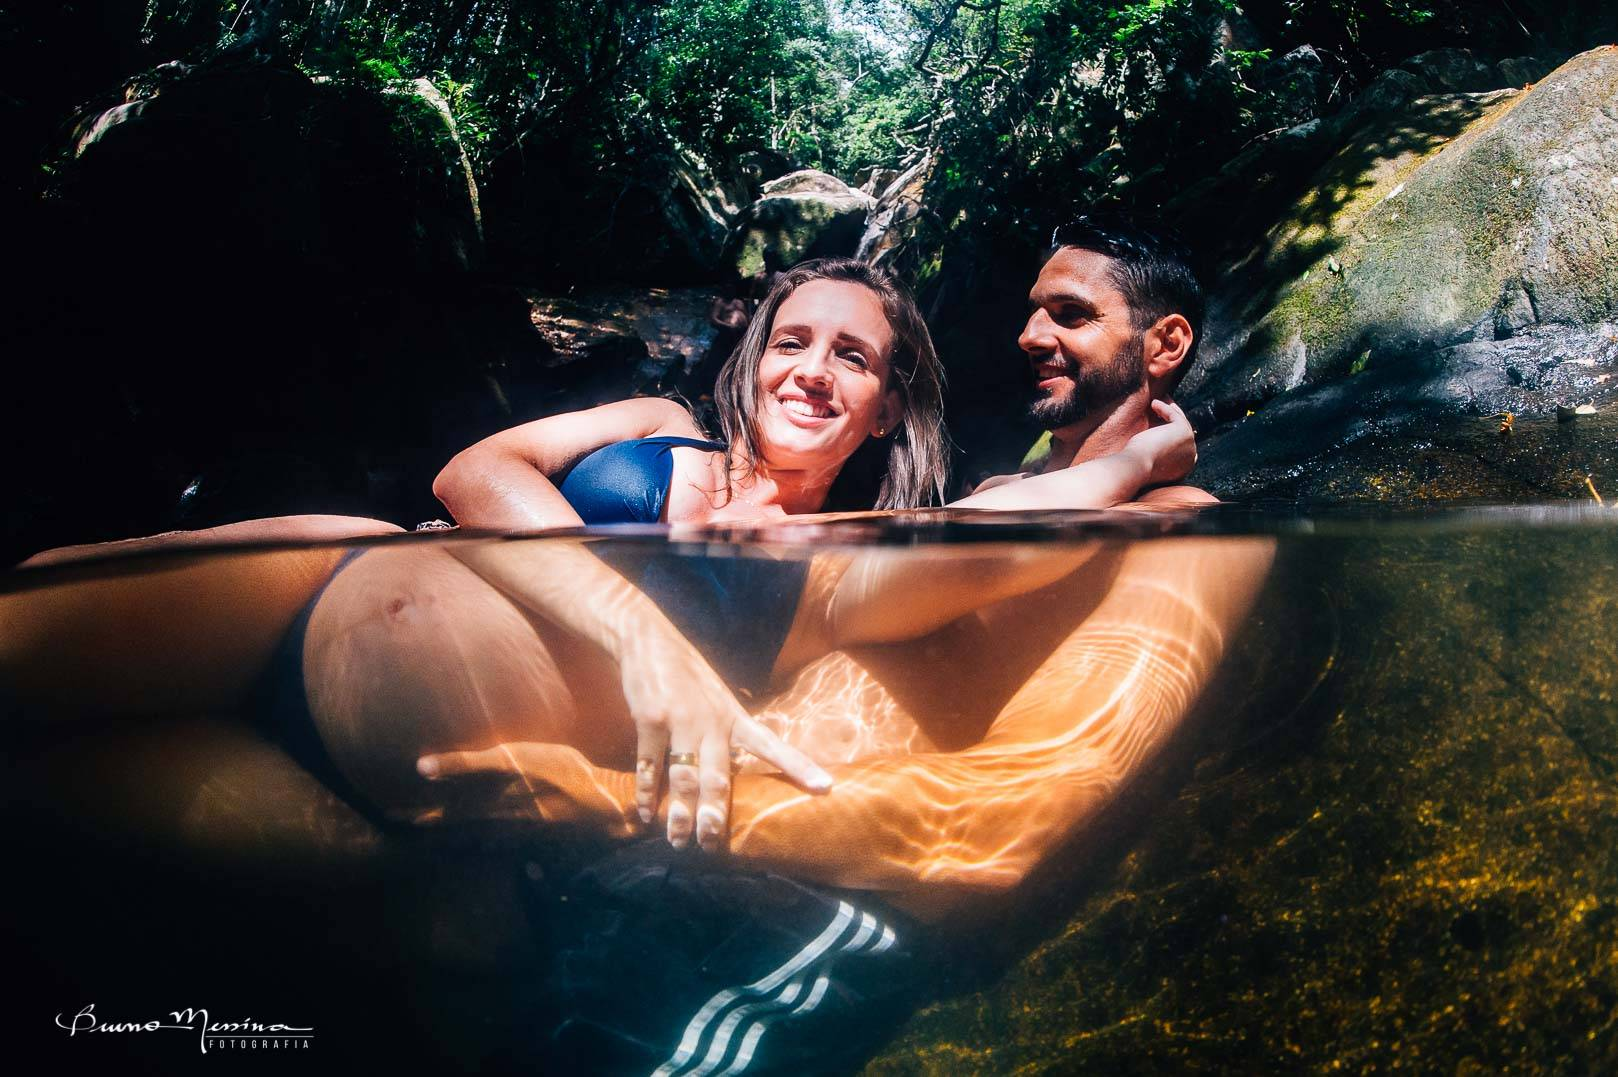 Fotos de Gestante no Nascer do Sol - ensaio fotografico gestante Florianópolis - fotos subaquaticas gestante - fotos subaquática - Fotógrafo gestante Florianópolis